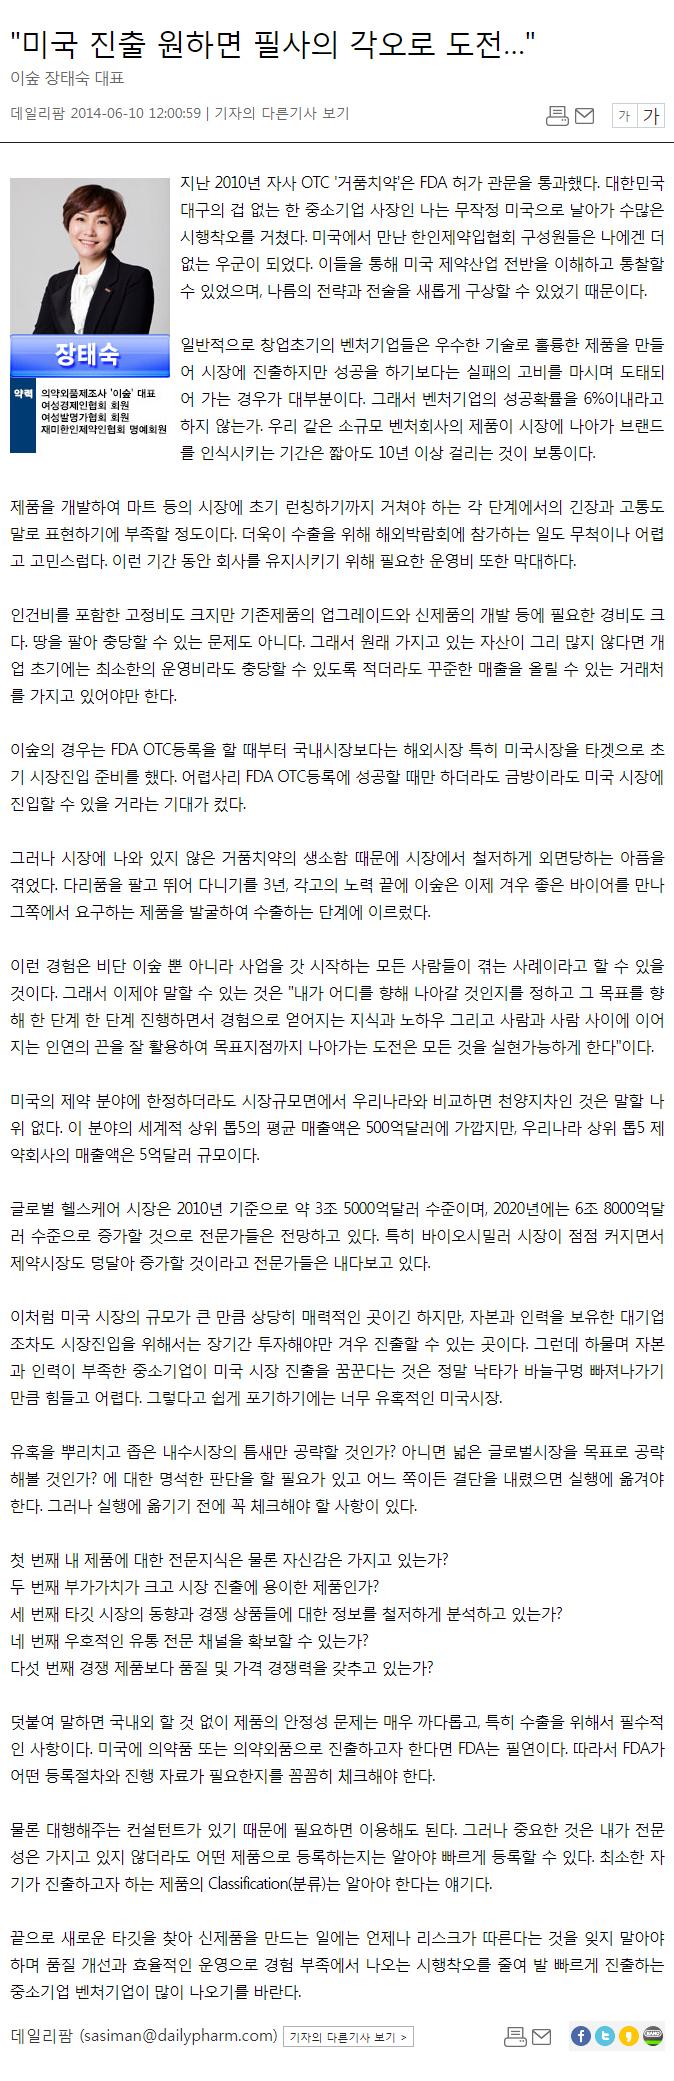 데일리팜 2014년 06월 10일 기사